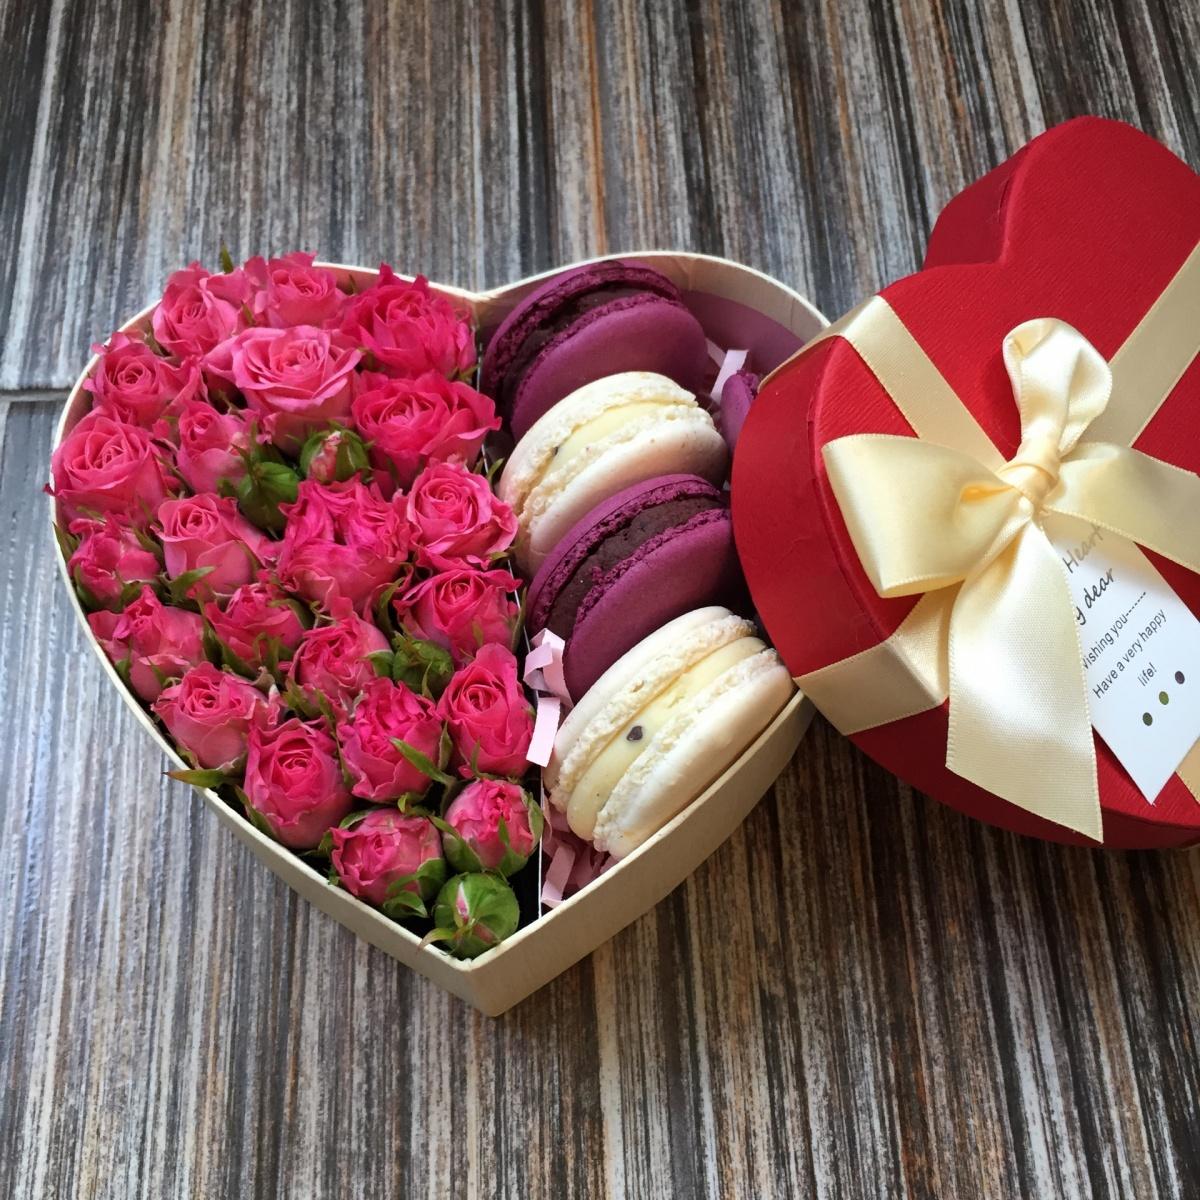 Цветы в коробке с конфетами картинки